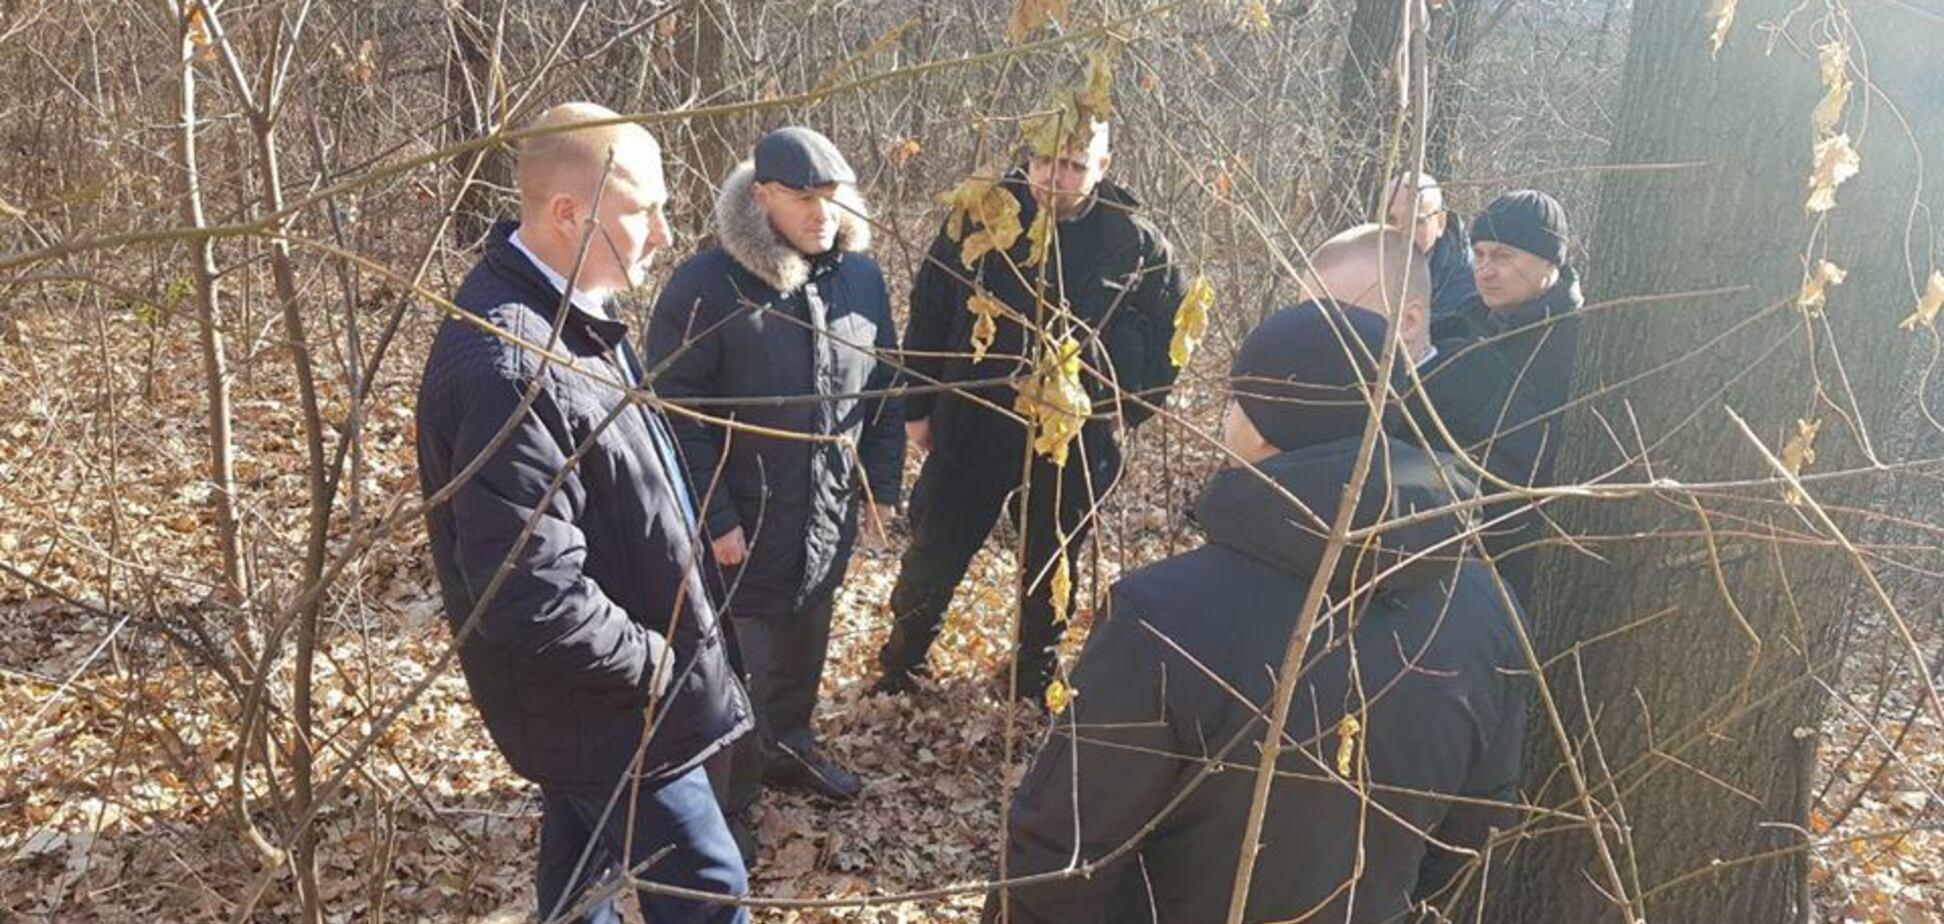 Затолкал в бочку: появились подробности зверского убийства 10-летней девочки на Одесщине